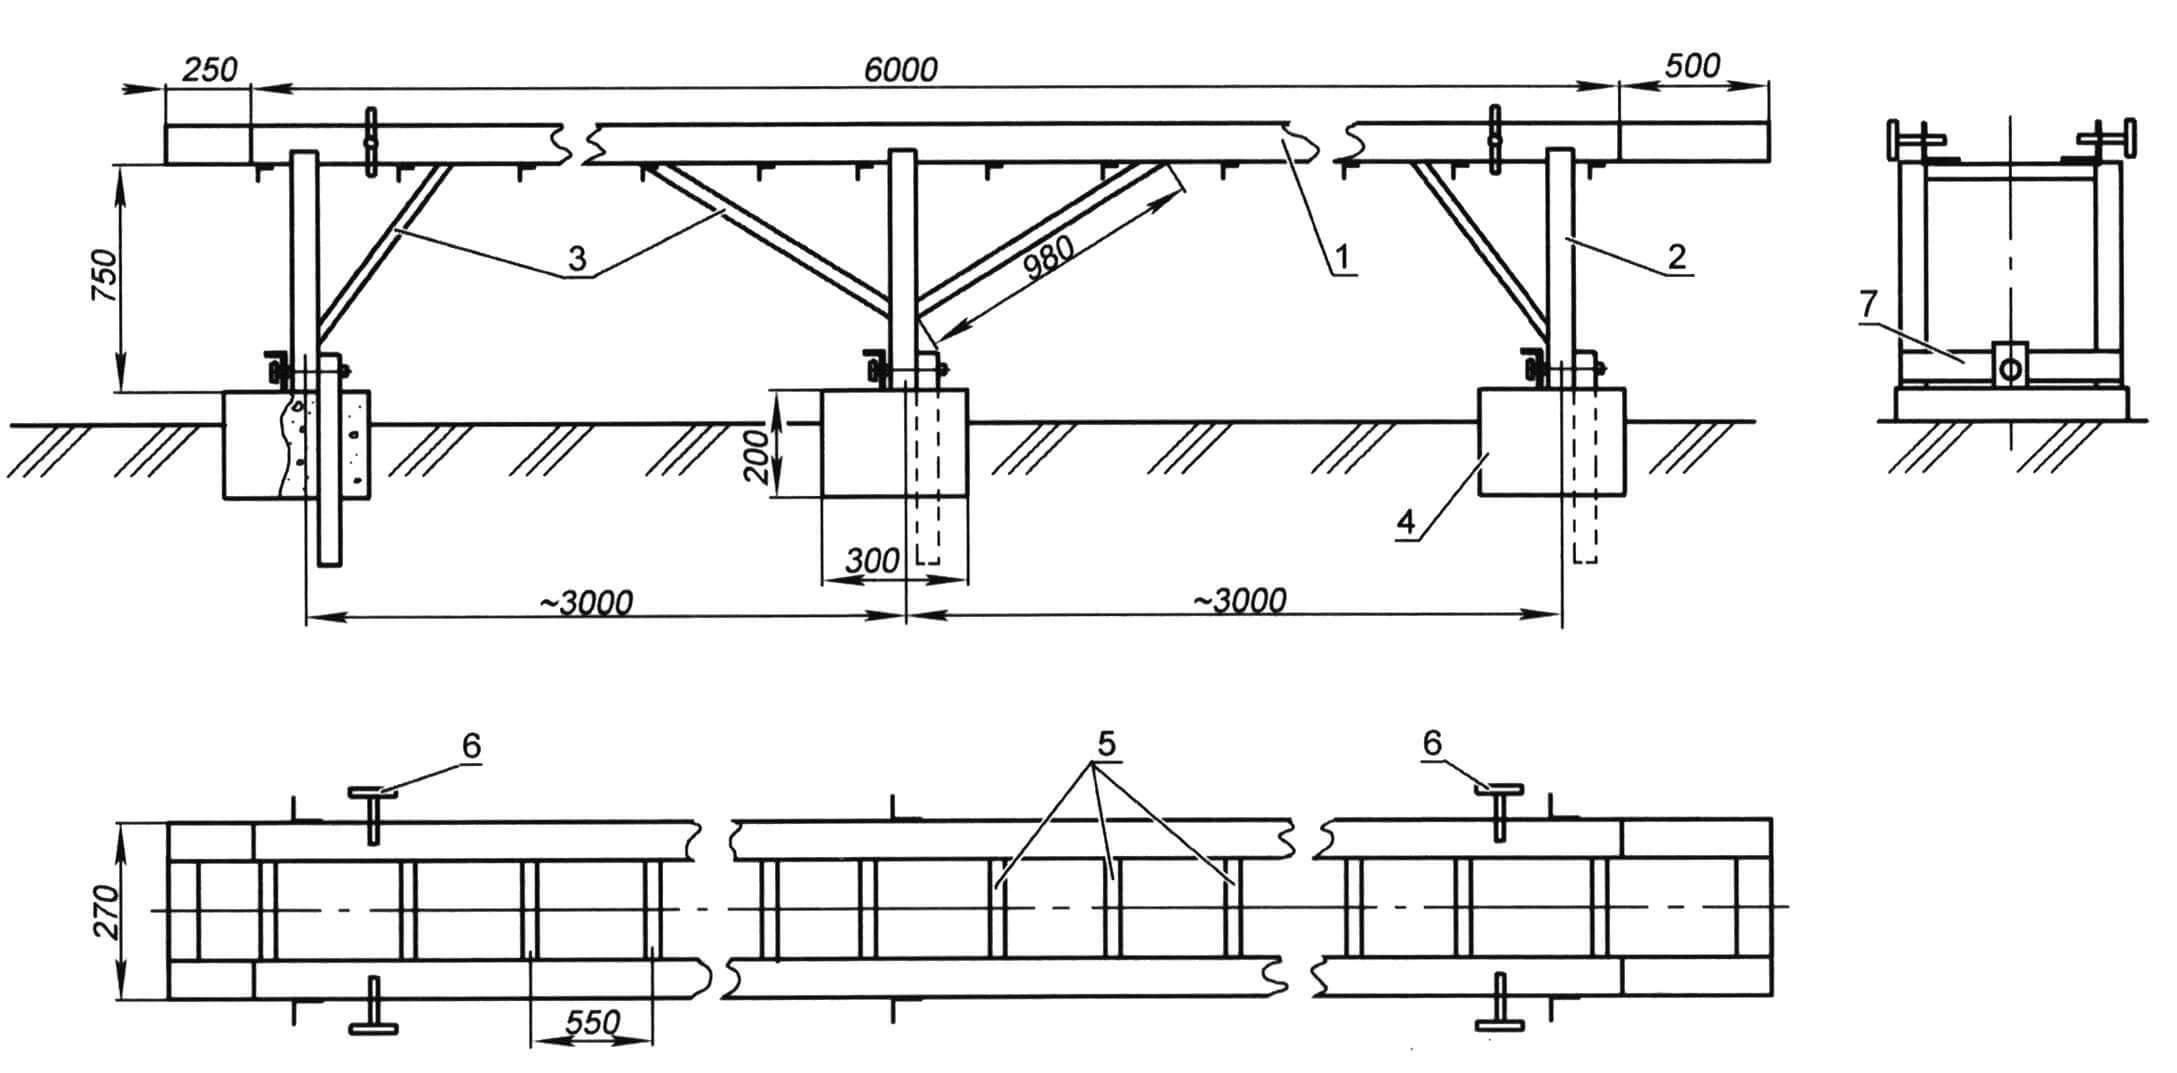 Стол для укладки бруса: 1 - «рельса» (уголок 50x50мм, 2 шт.); 2 - ножка стола, (уголок 80x50 мм, 6 шт.); 3 - раскосы (8 шт.); 4 - бетонный фундамент; 5 - поперечина верхняя (уголок 32x32 мм, 12 шт.); 6 - зажим для бруса (4 шт.); 7 - поперечина нижняя (3 шт.)